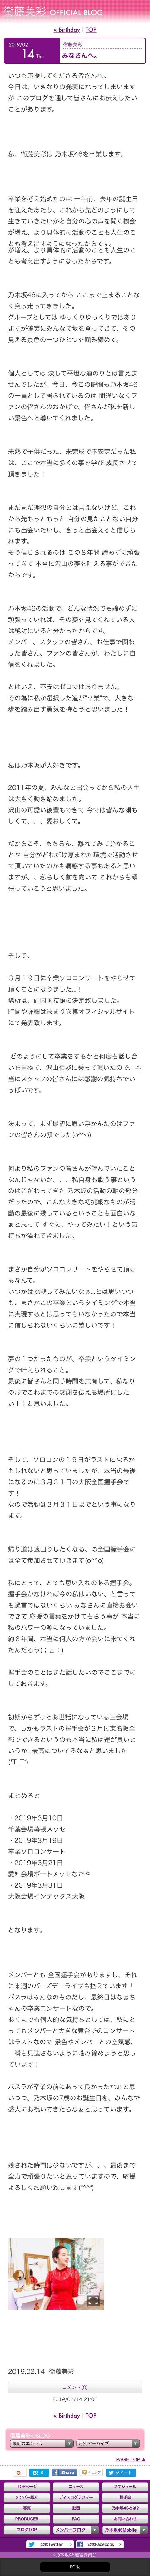 【乃木坂46】衛藤美彩から『みなさんへ。』…ブログの内容が…